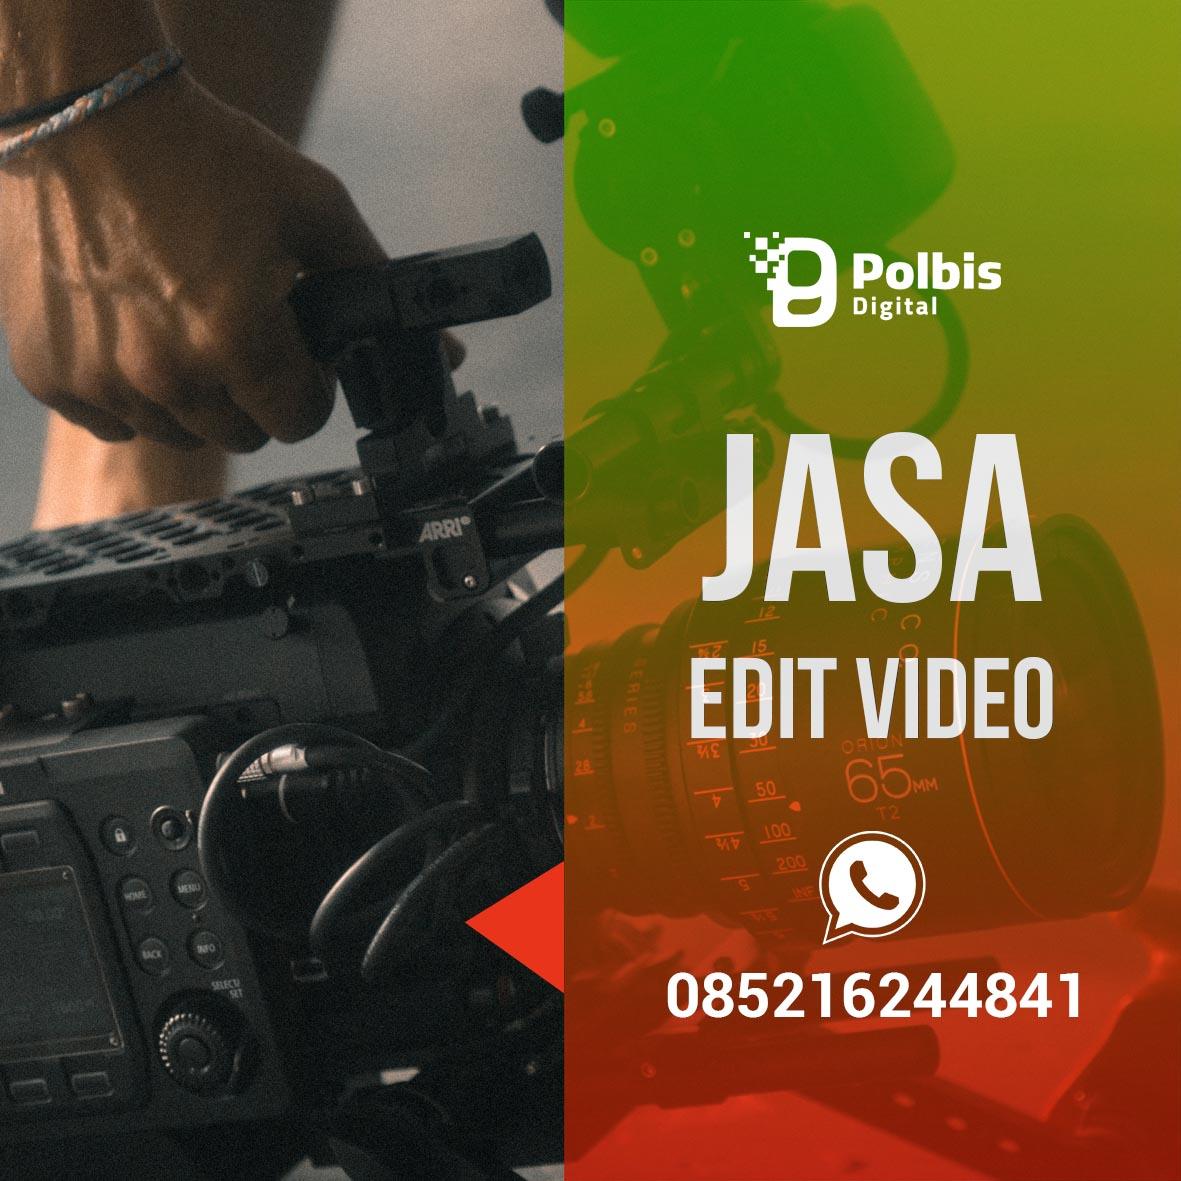 JASA EDIT VIDEO MURAH DAN BERKUALITAS DI PROVINSI JAWA TIMUR